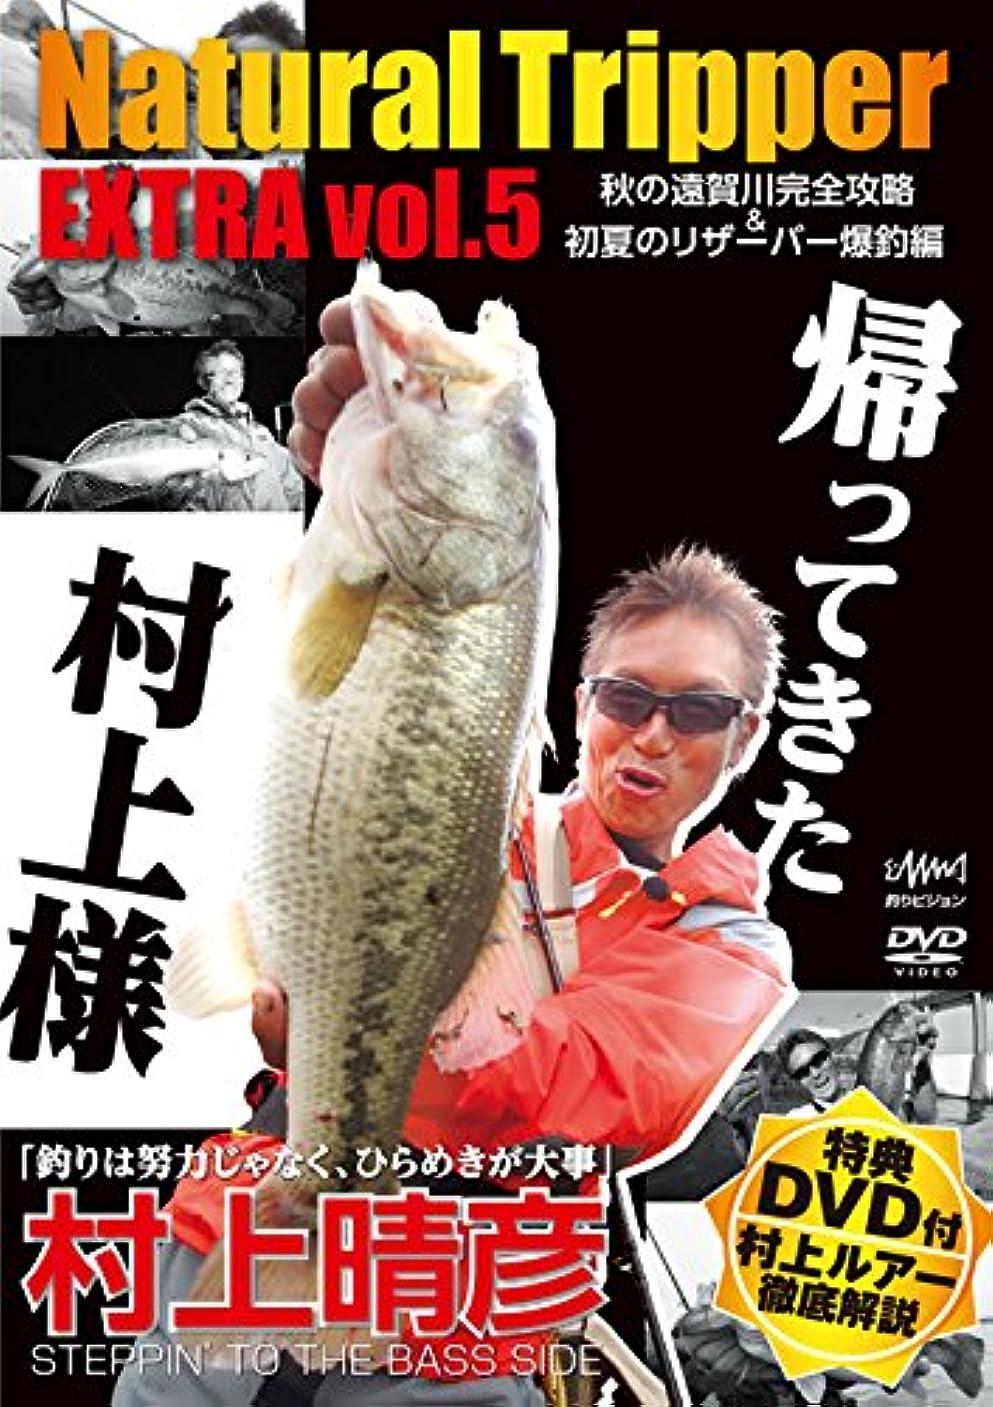 お尻羊飼い悪化させる釣りビジョン(Tsuri Vision) 村上晴彦 Natural Tripper EXTRA vol.5